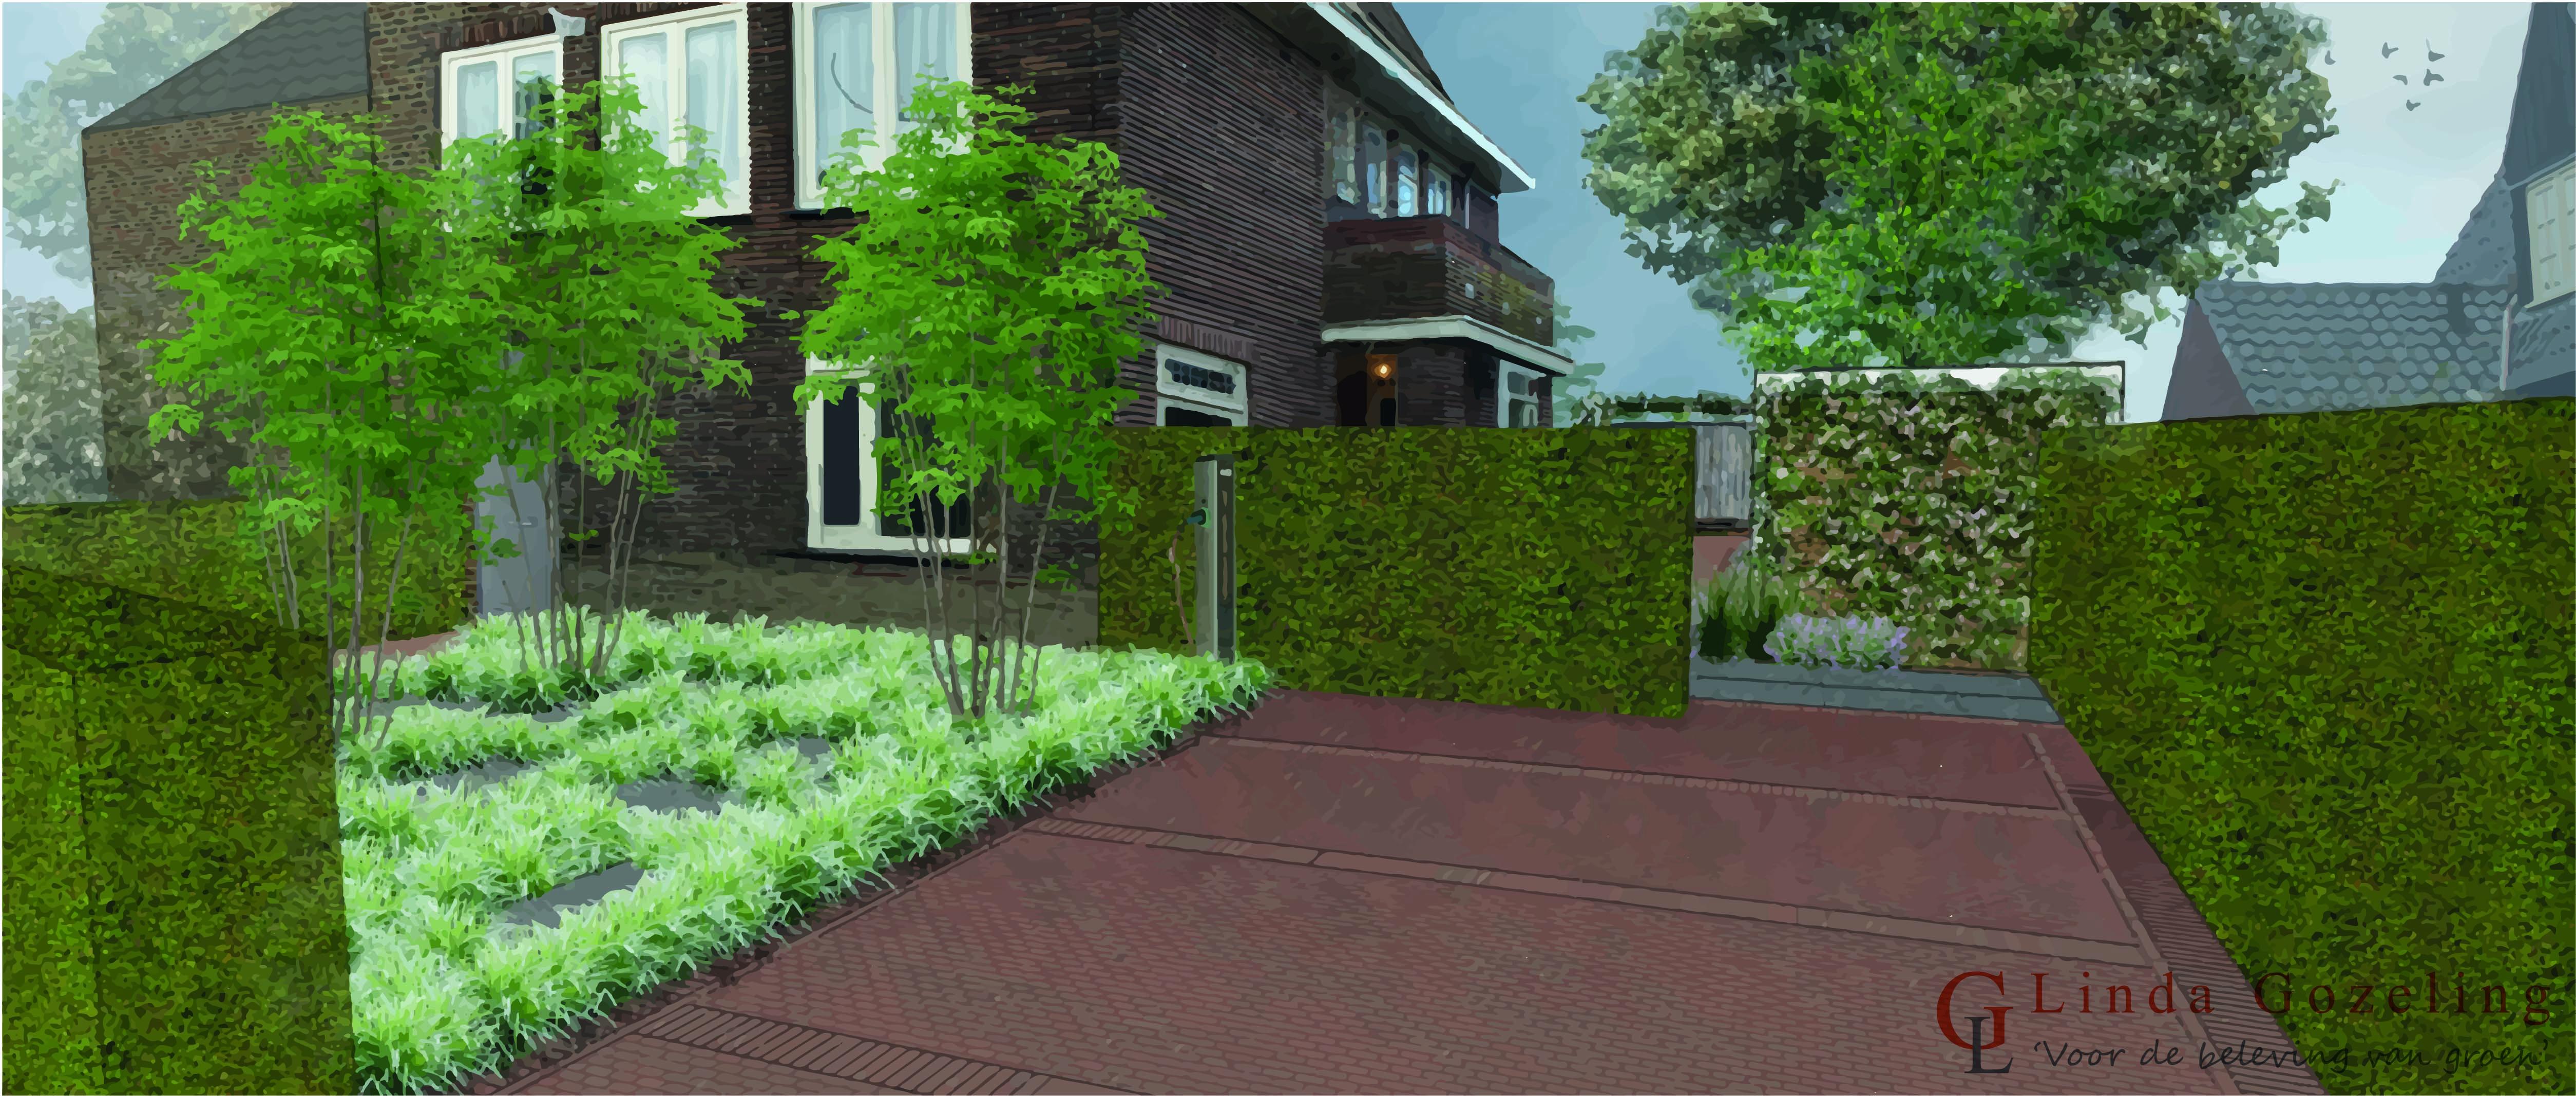 Visualisatie tuin overveen voor de beleving van groen for Tuinontwerp heemstede